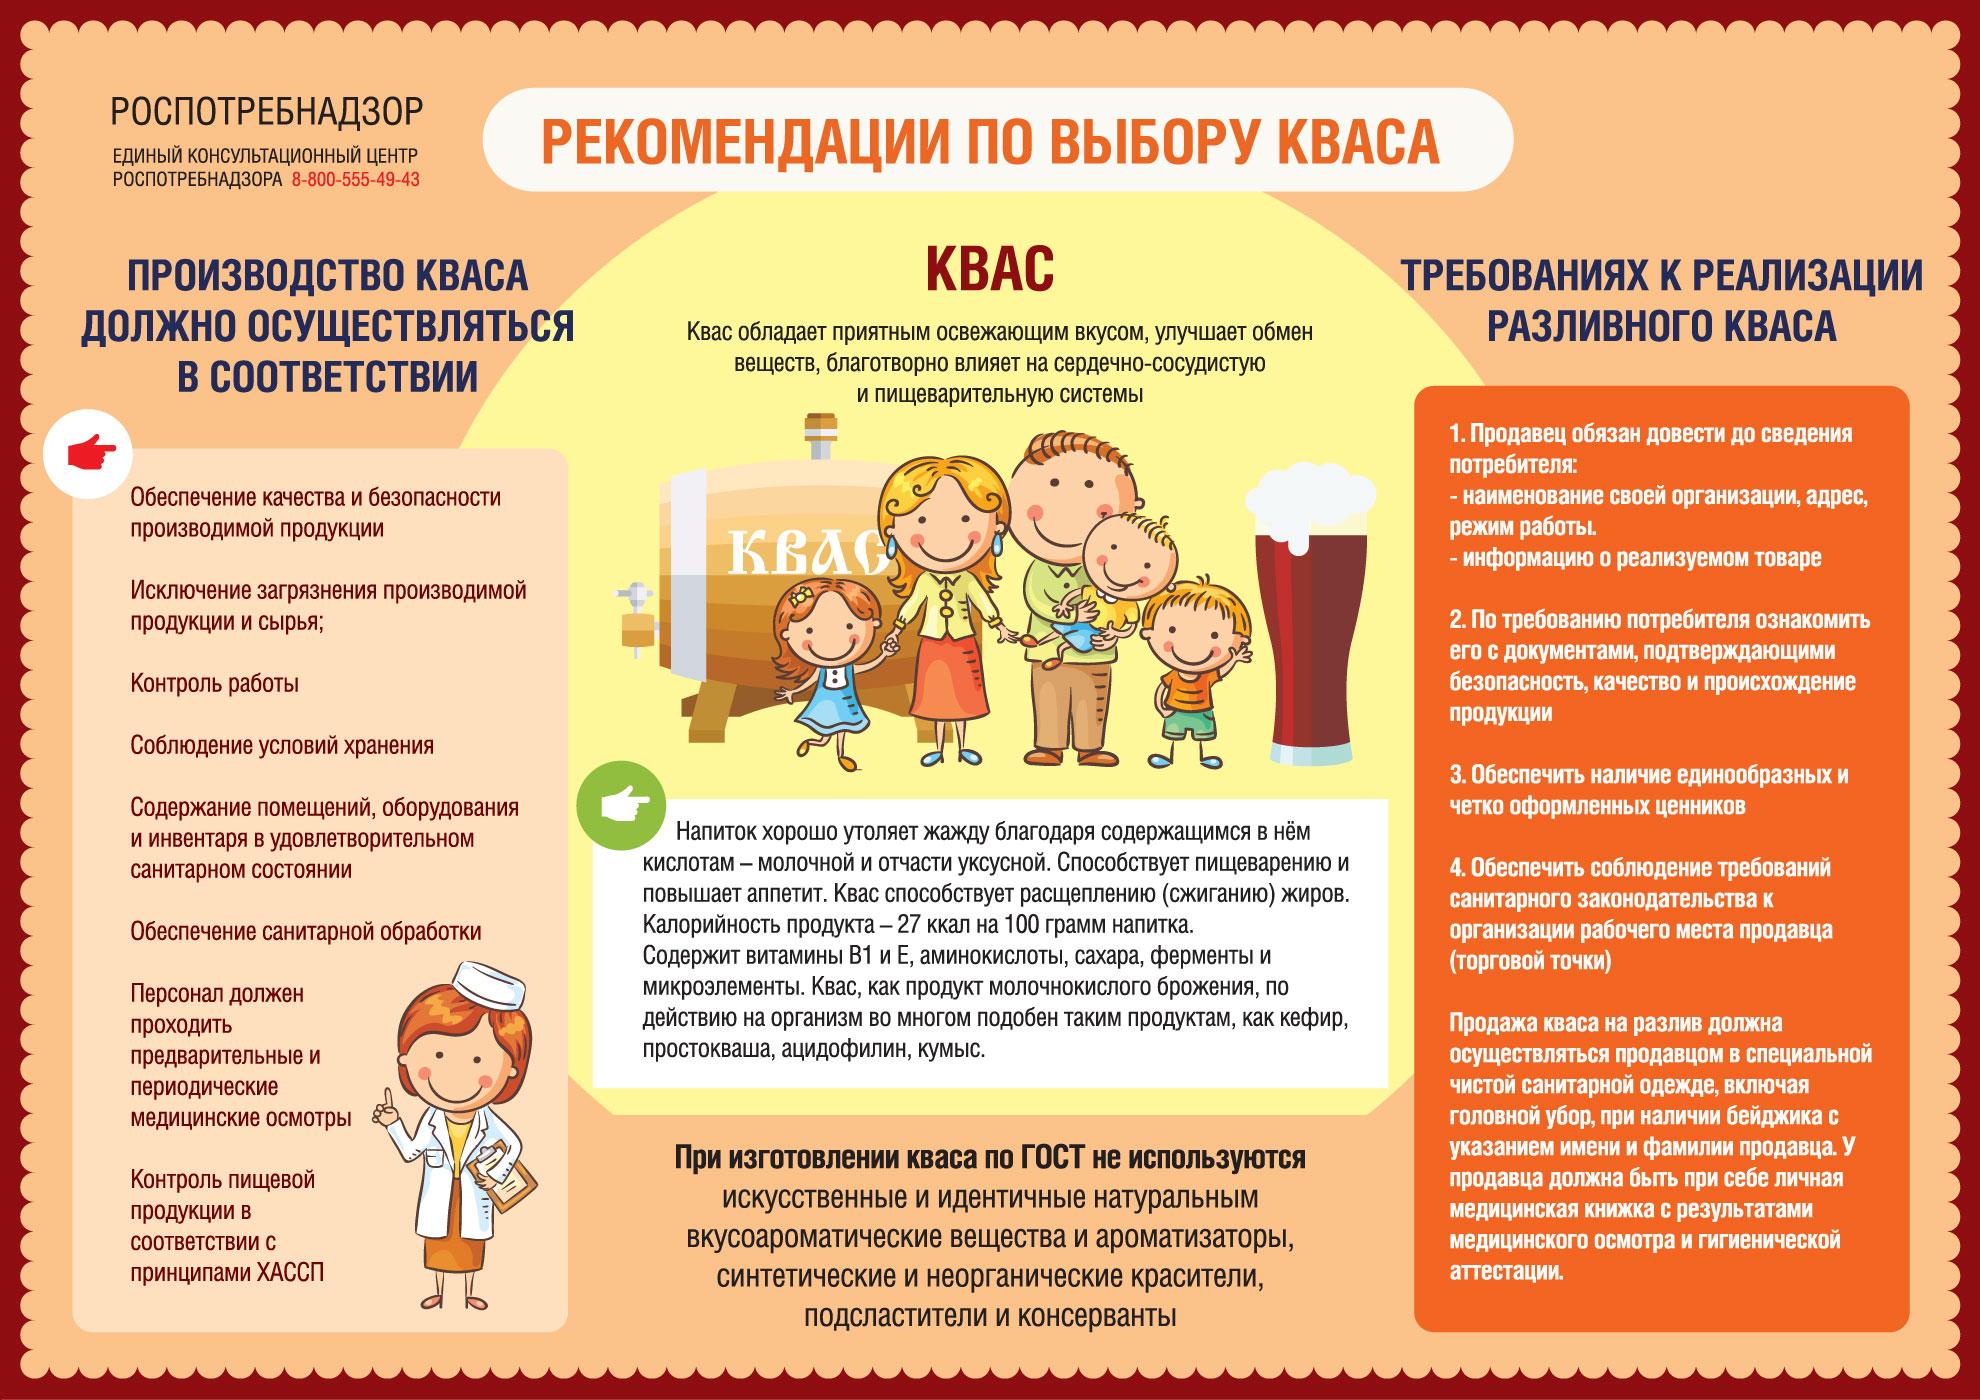 Жителям Тверской области дали рекомендации по выбору кваса